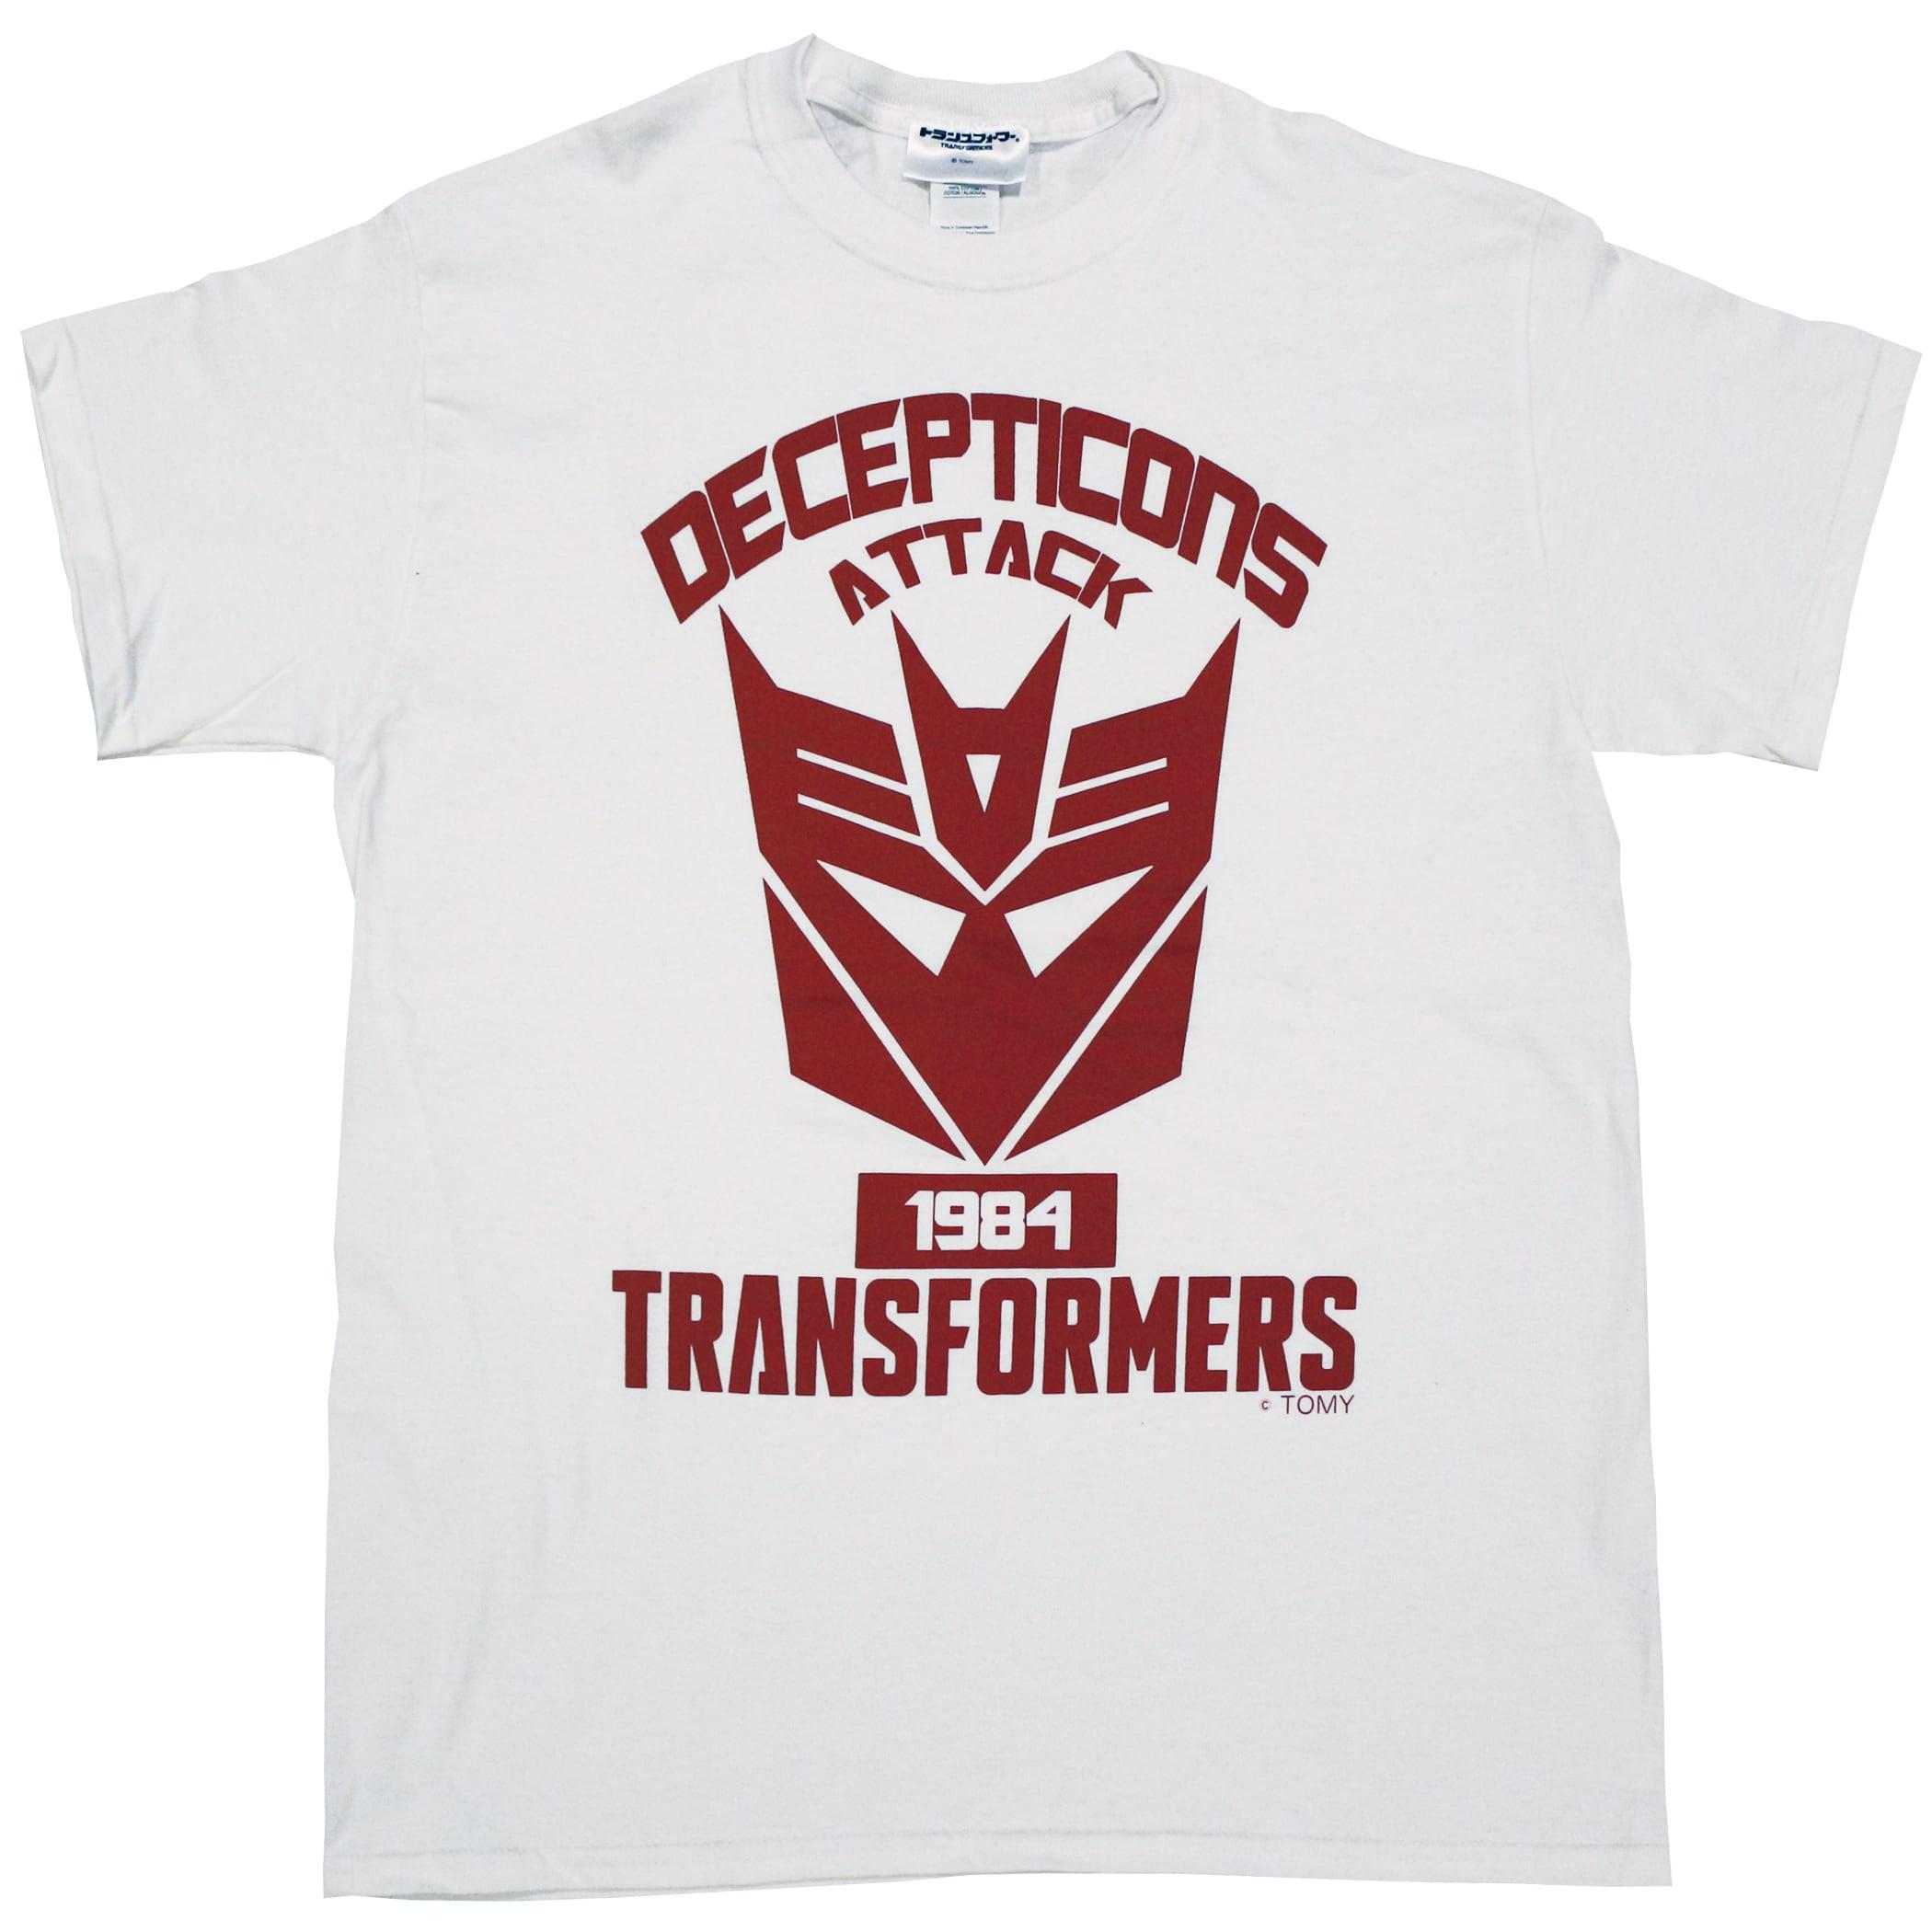 【トランスフォーマー】戦え!超ロボット生命体トランスフォーマー デストロンエンブレム Tシャツ(リニューアル版)